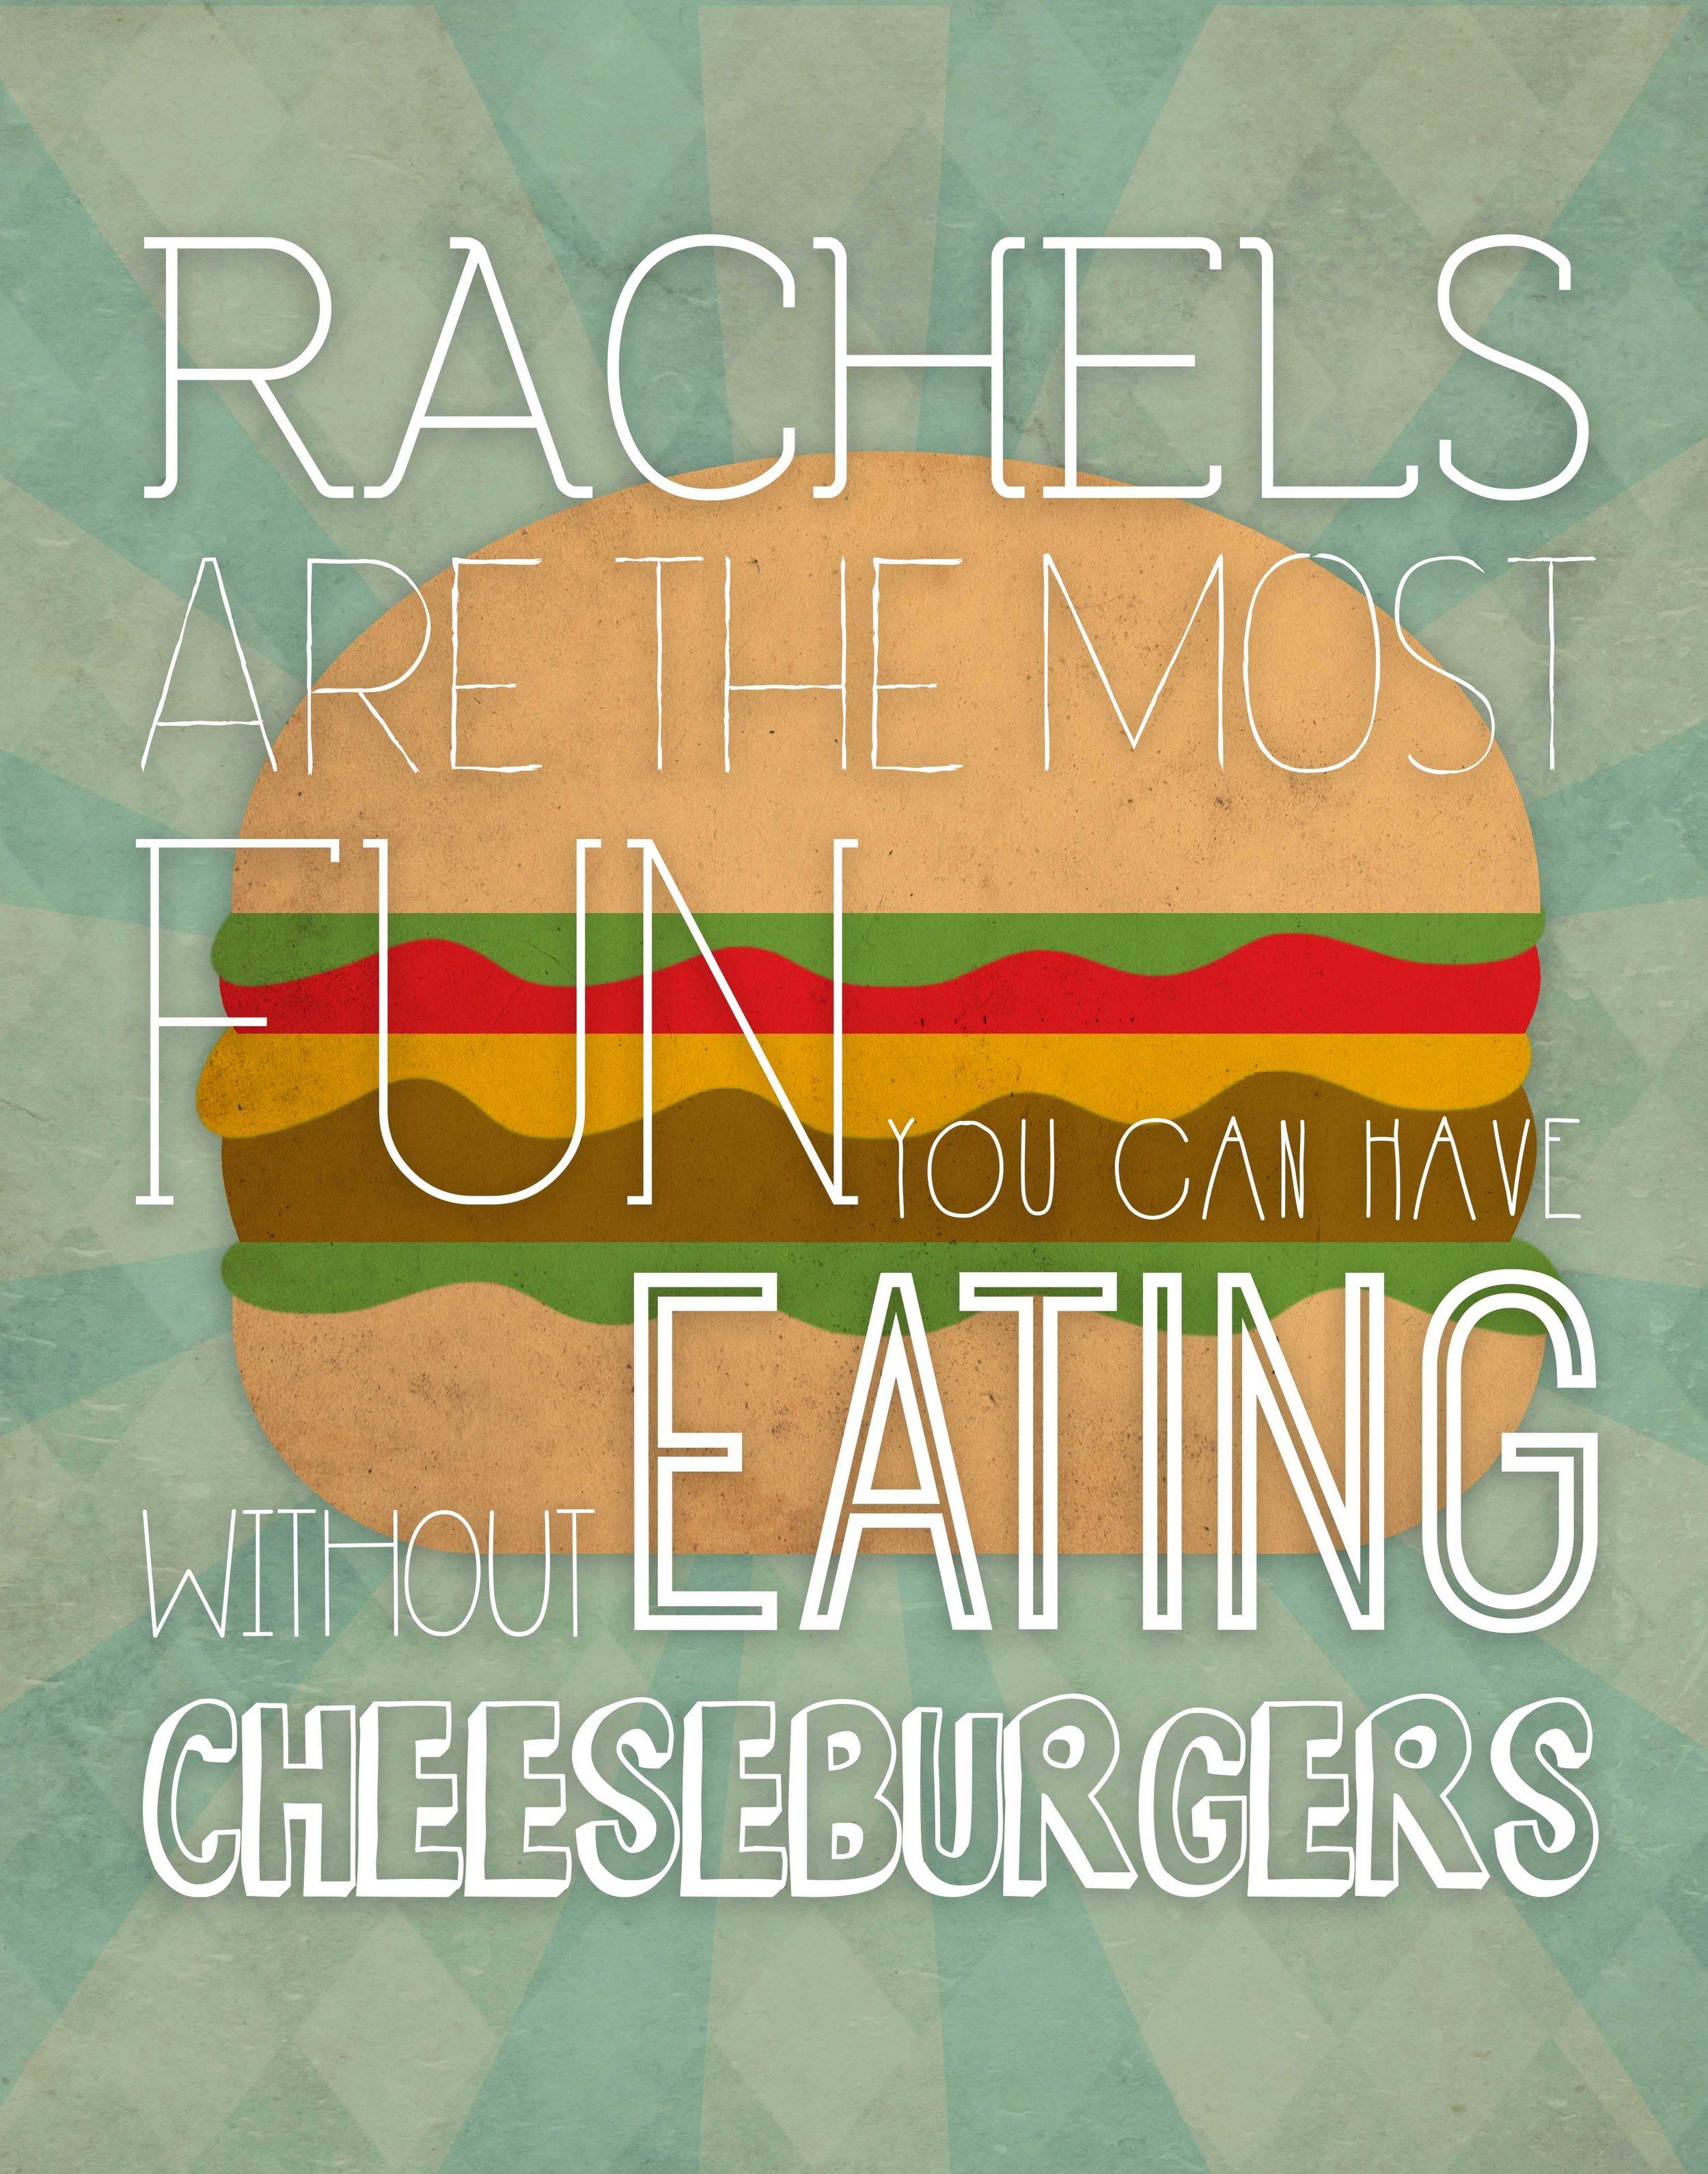 Rachels-low.jpg